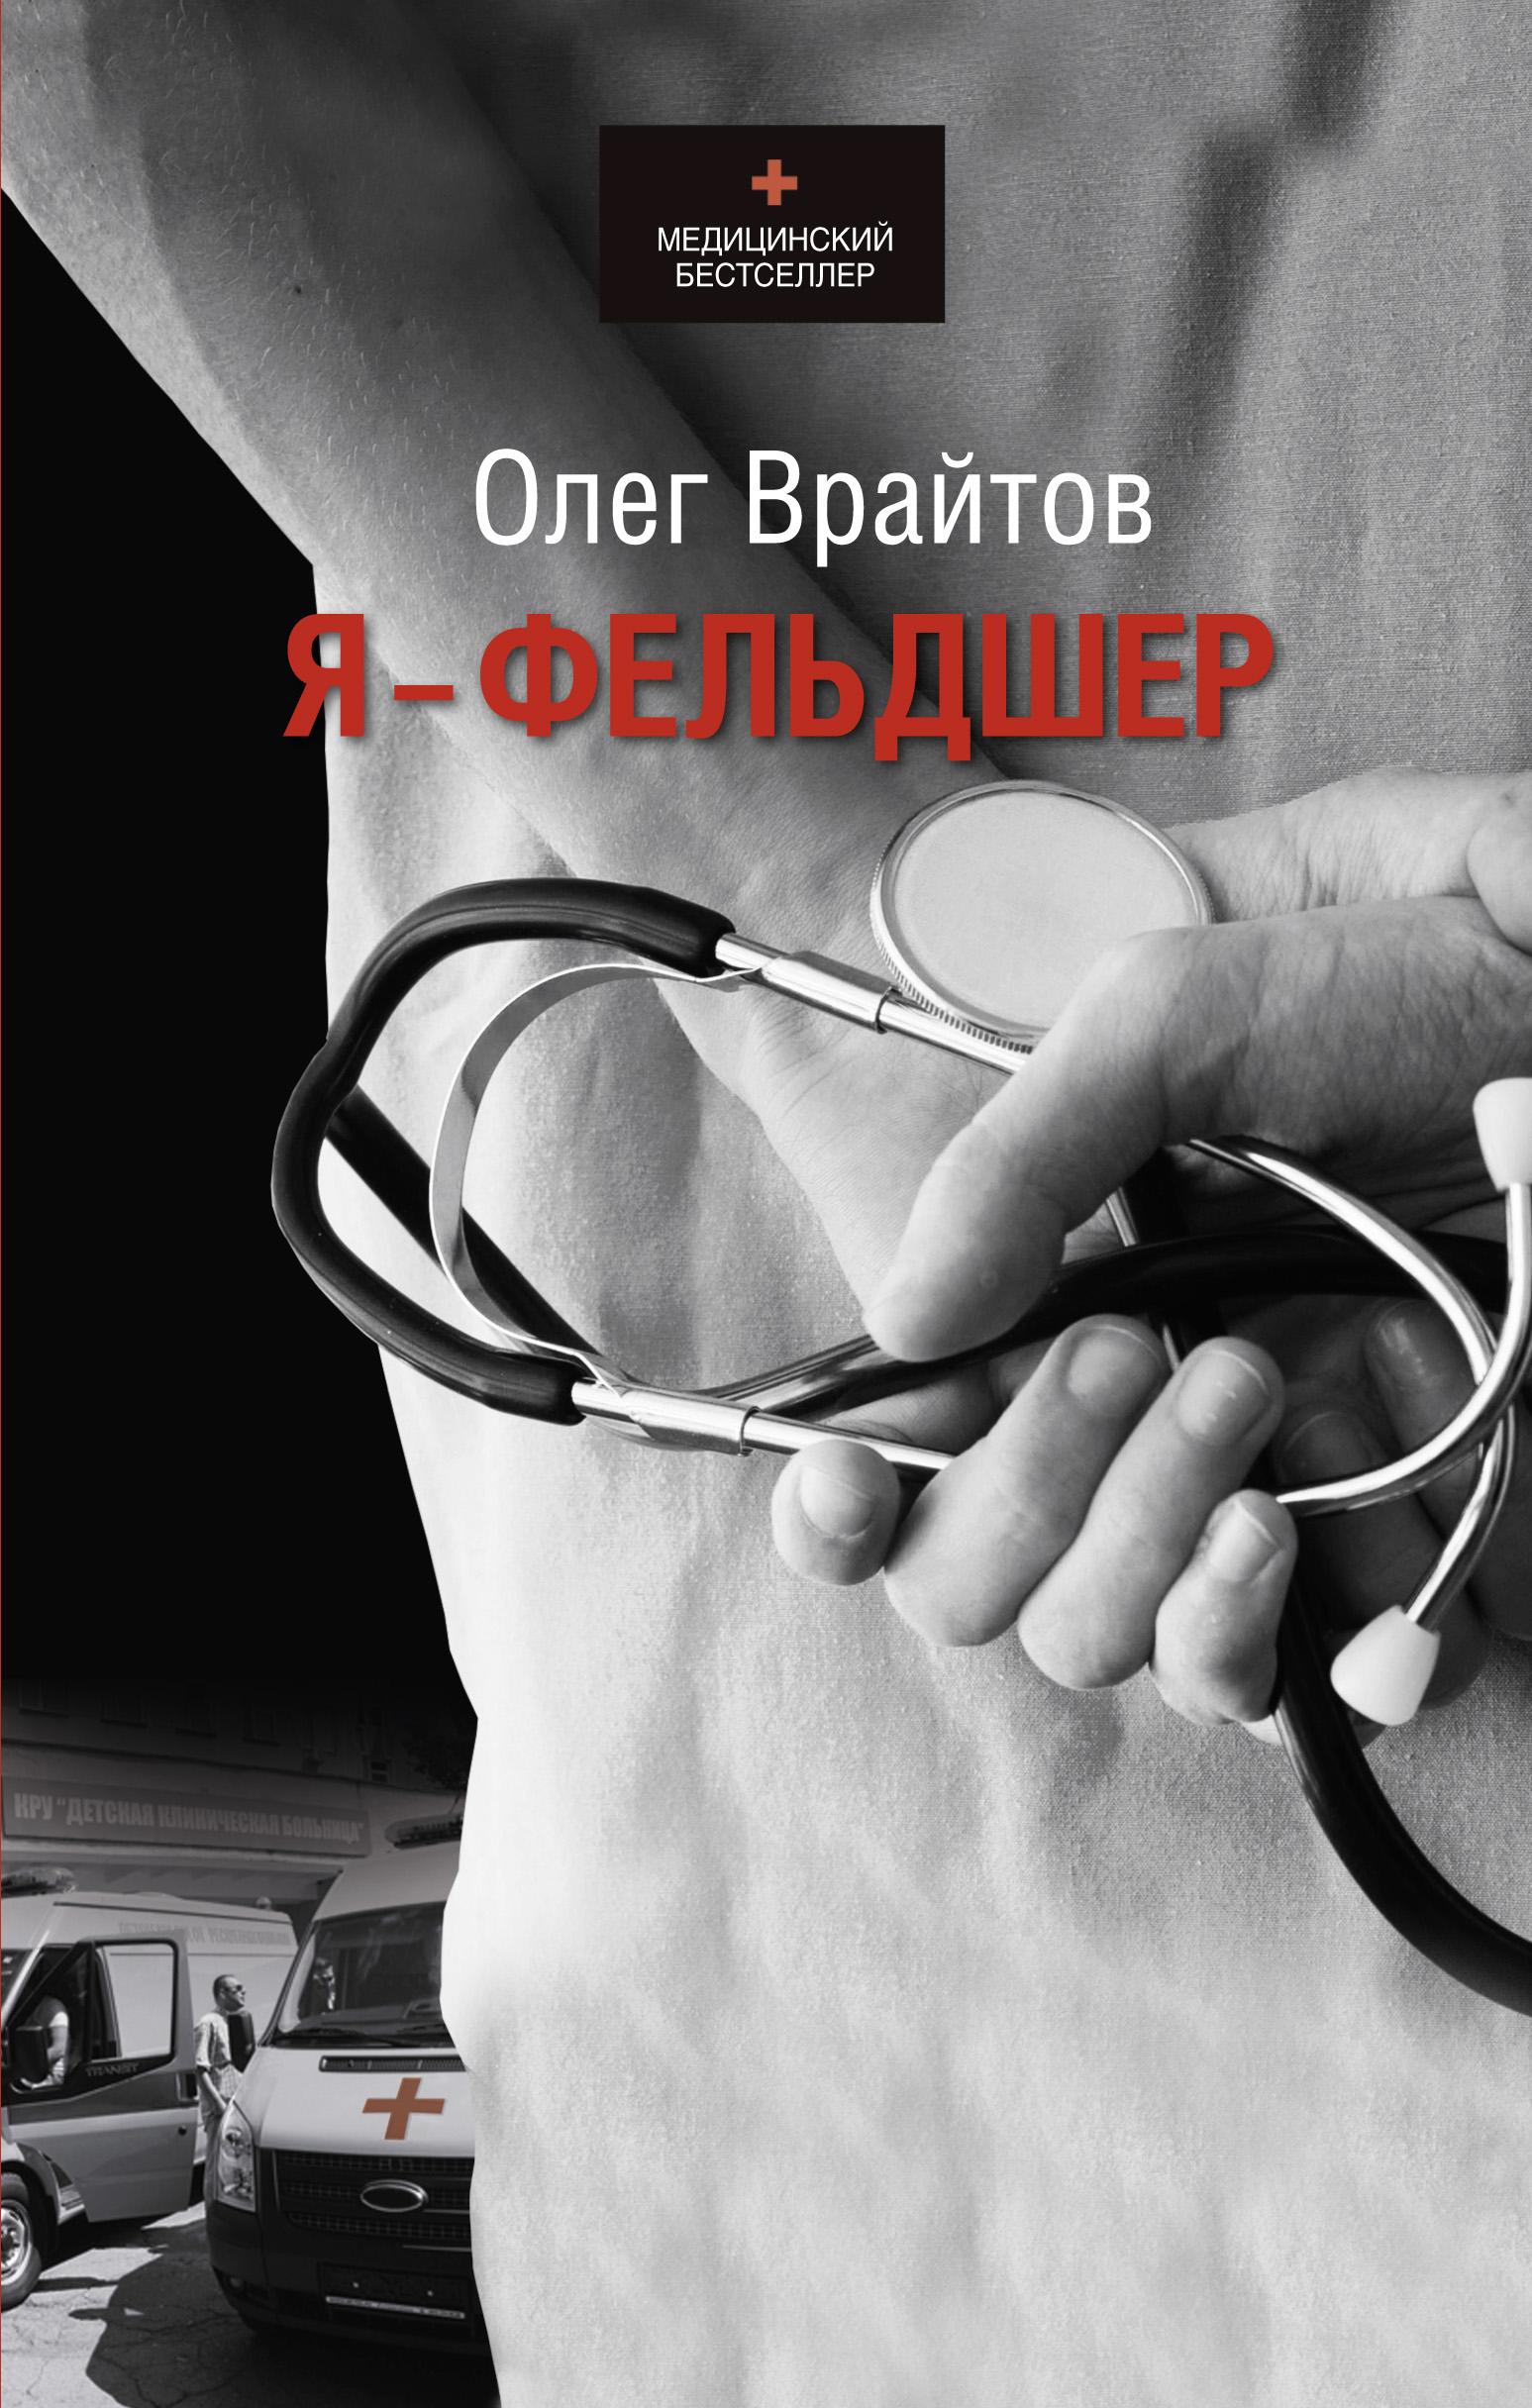 Олег Врайтов Я - фельдшер сапфир я убить нельзя научить